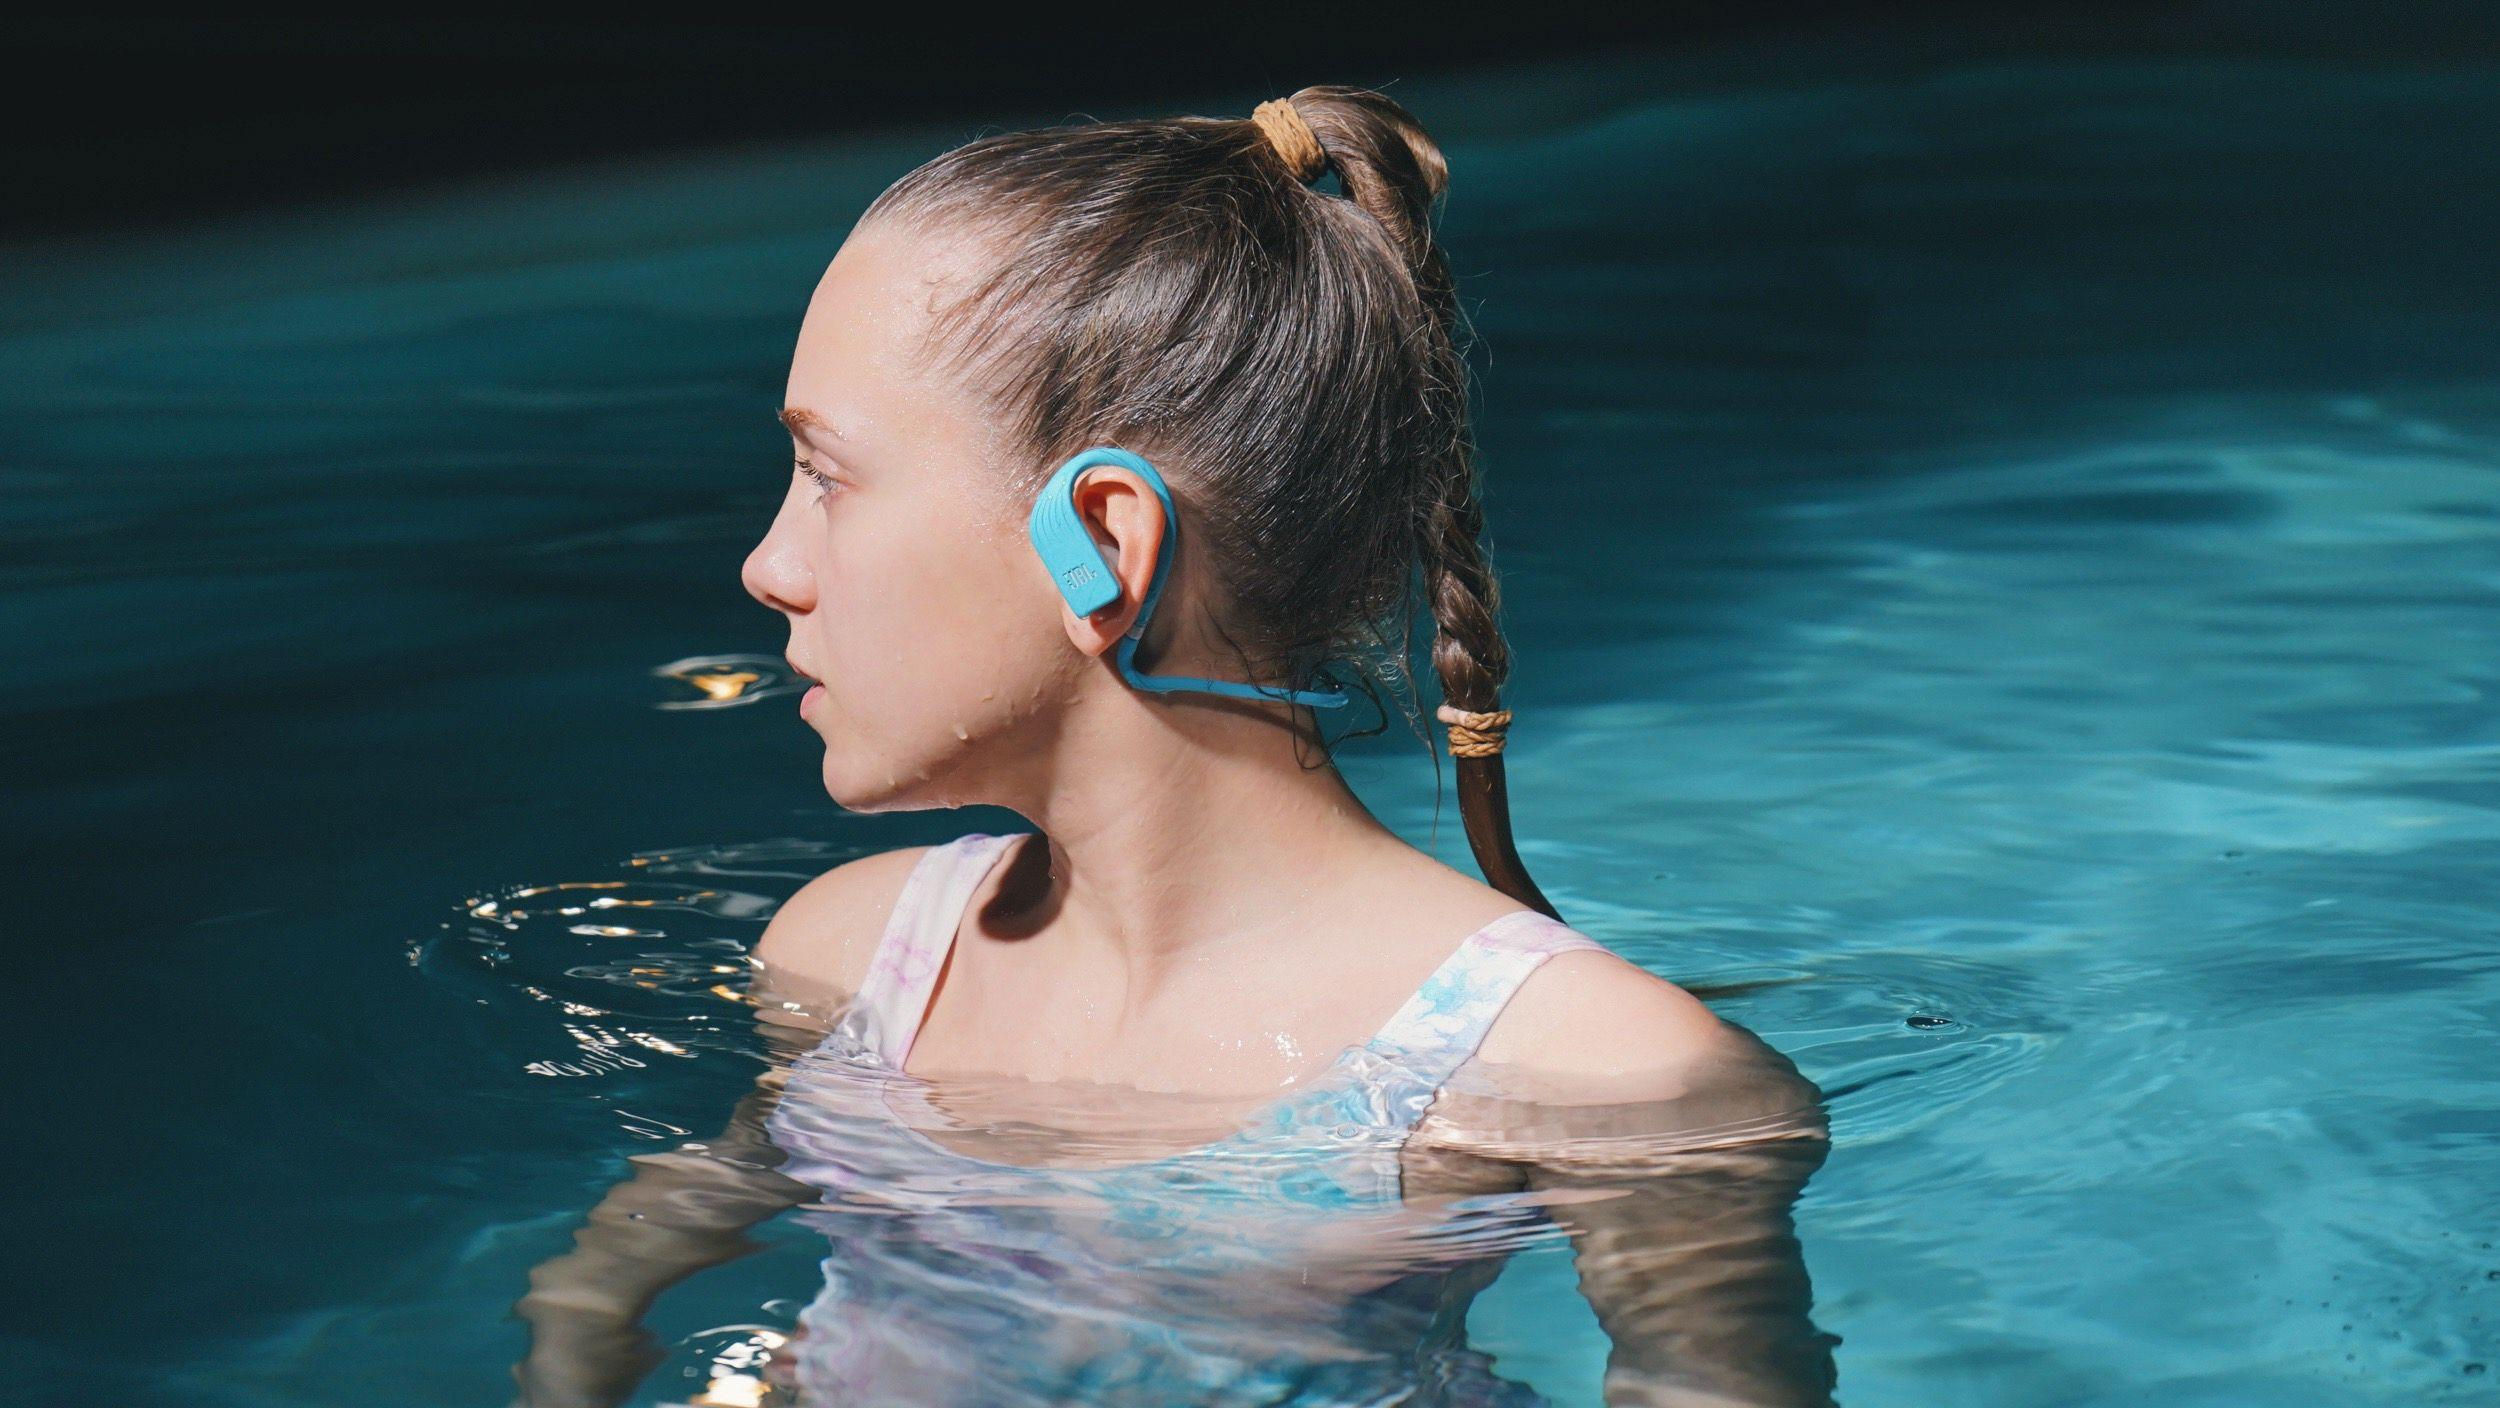 ТОП-7 наушников для плавания 2020 года: лучшие наушники-плееры для бассейна от Earphones-Review